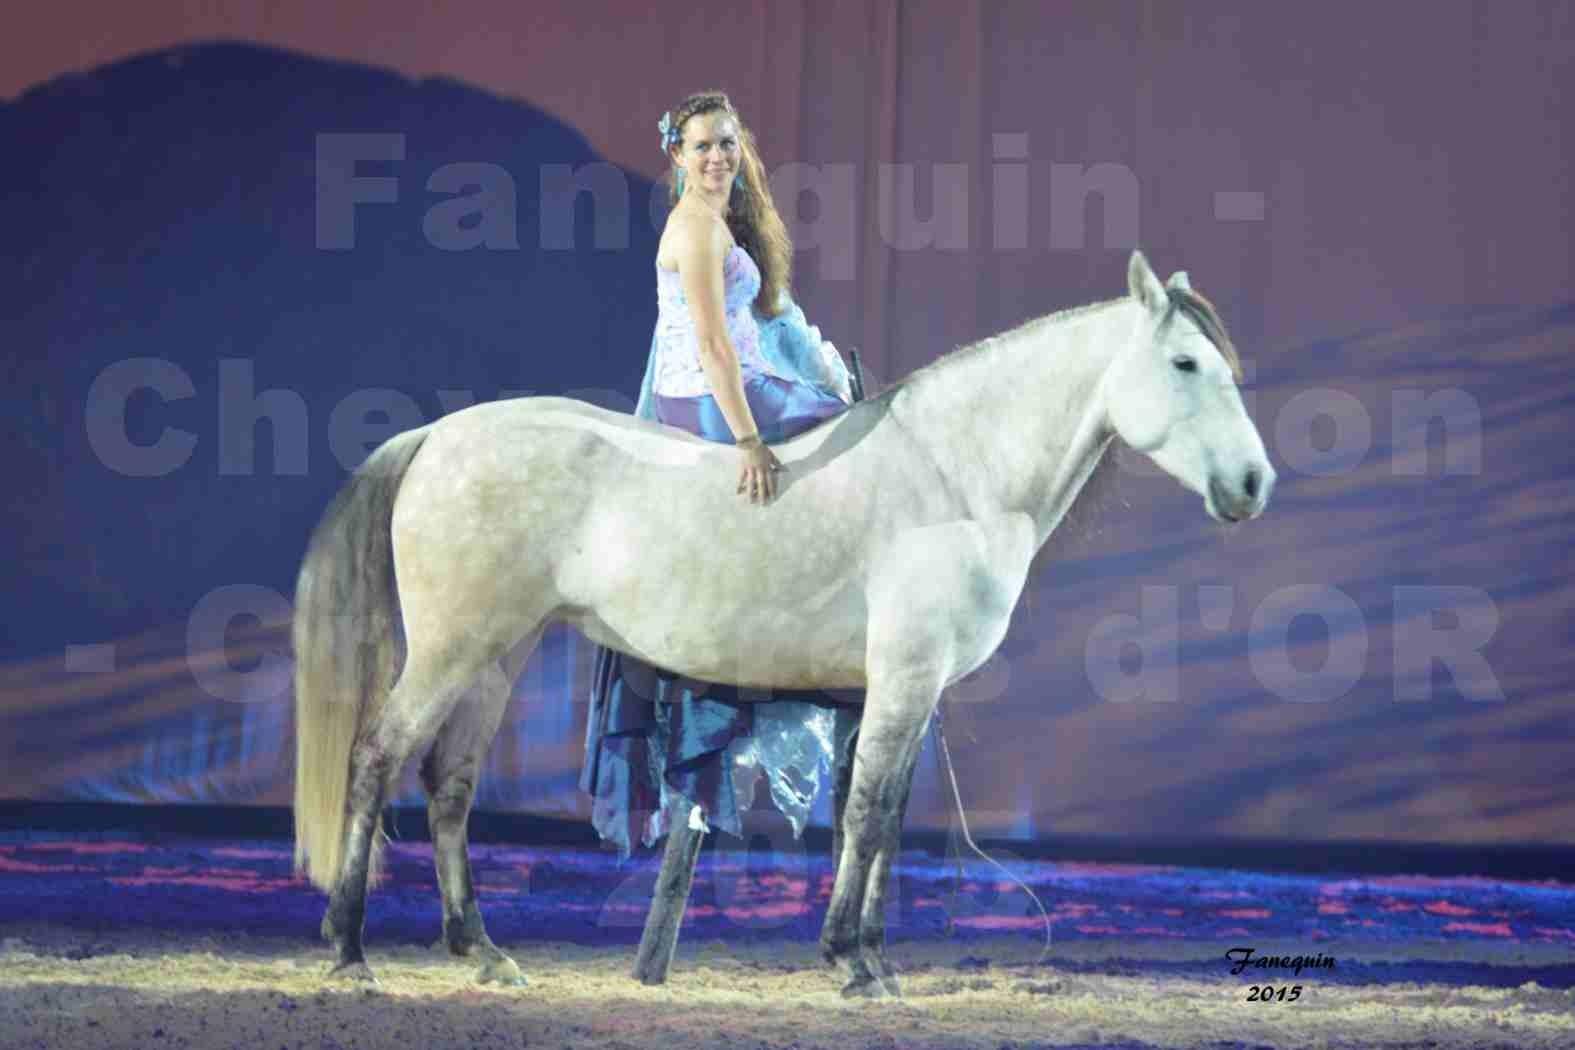 Cheval Passion 2015 - Spectacle des Crinières d'OR - Lucie VAUTHIER & 2 chevaux en liberté - 06